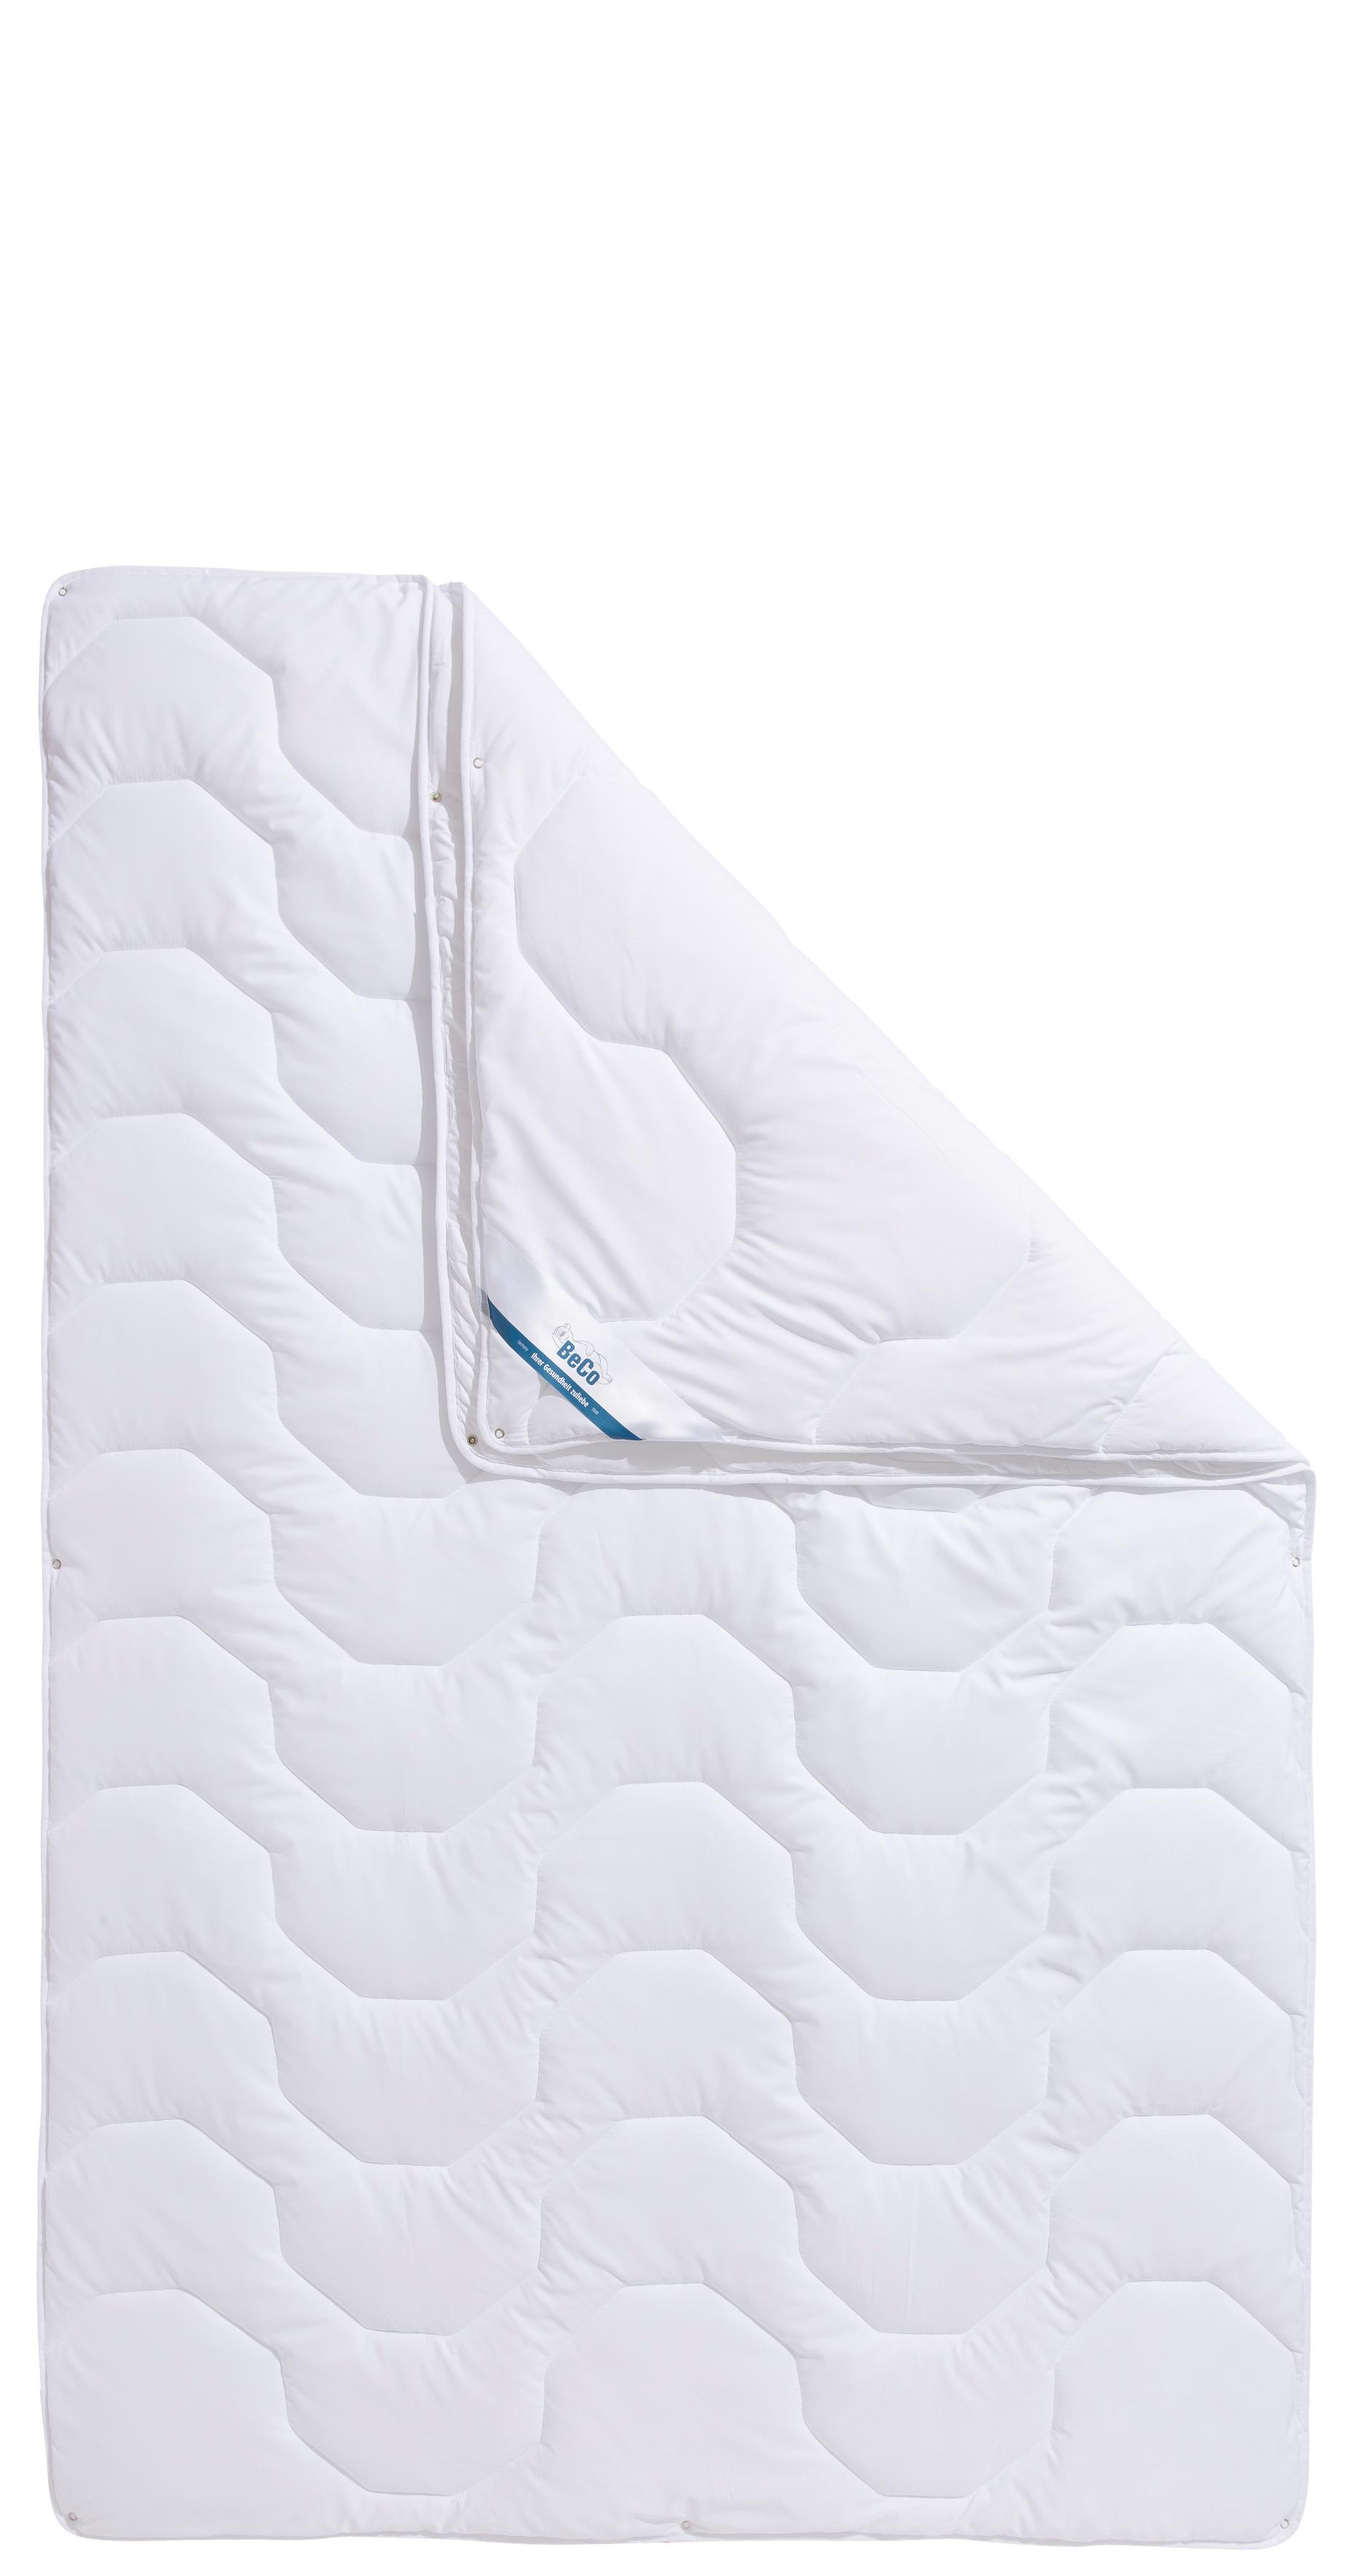 Kunstfaserbettdecke Antibac Beco 4 Jahreszeiten Fullung 100 Polyester Bezug 100 Polyester Bestellen Baur